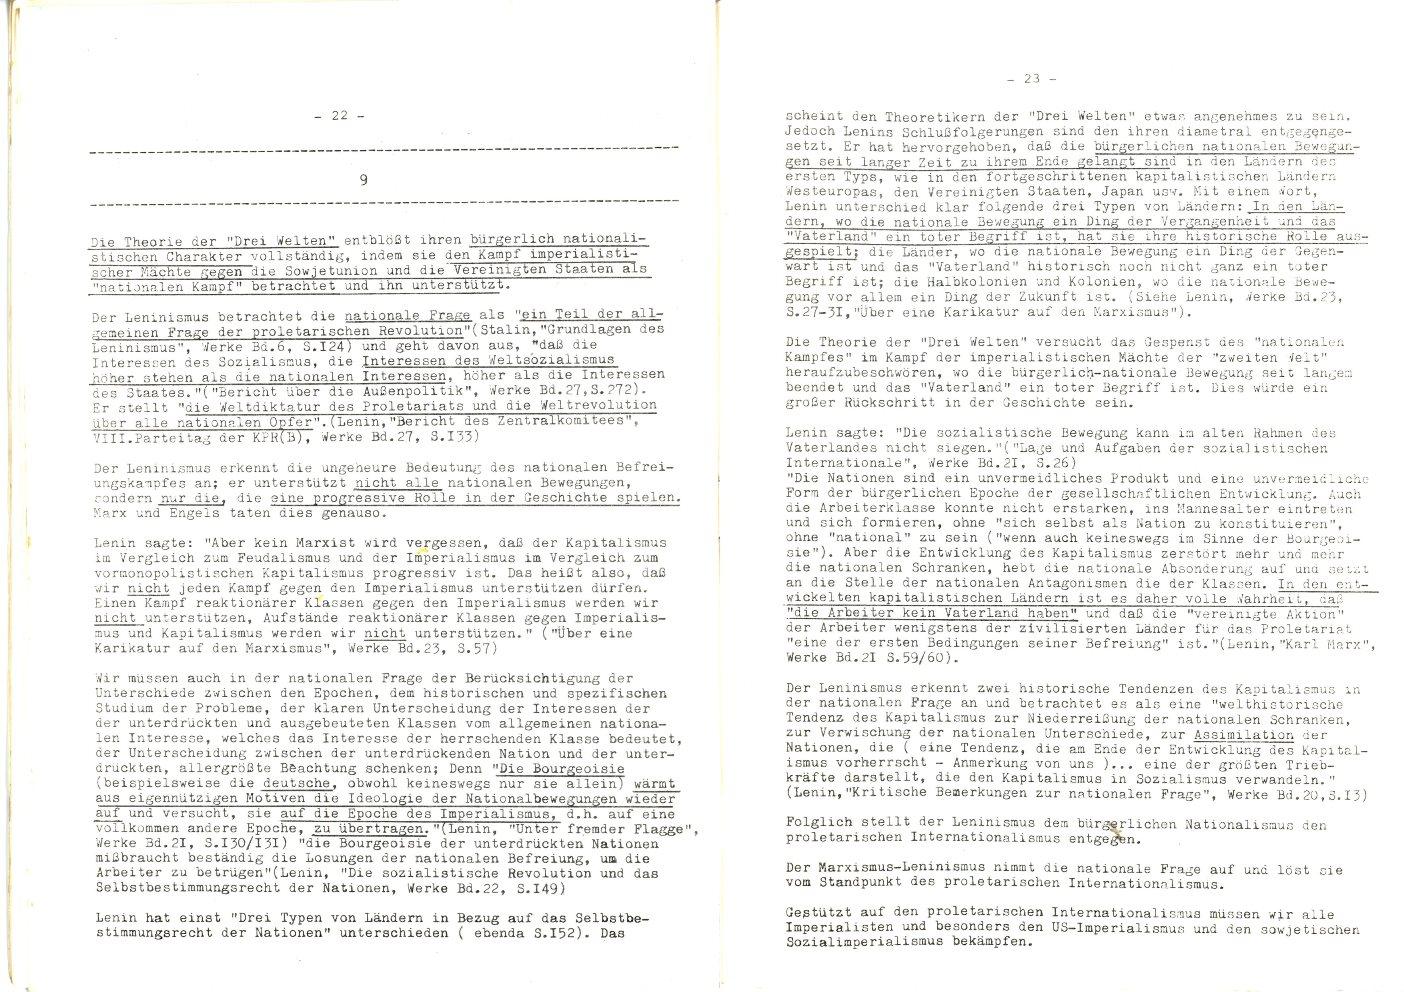 MLSK_Theorie_und_Praxis_des_ML_1978_22_14